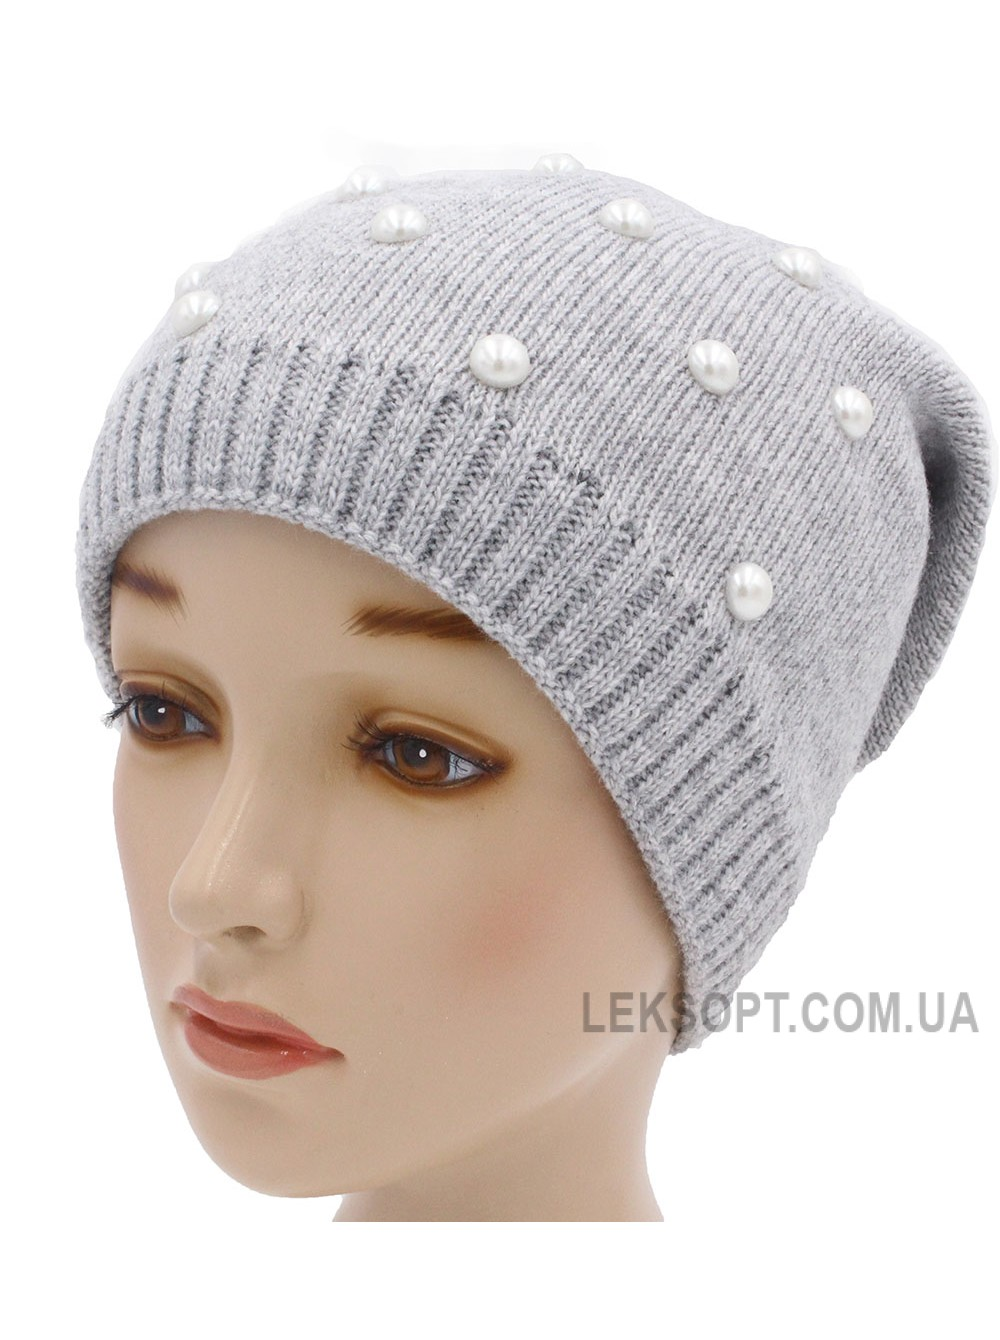 Детская вязаная шапка W23428-52-56